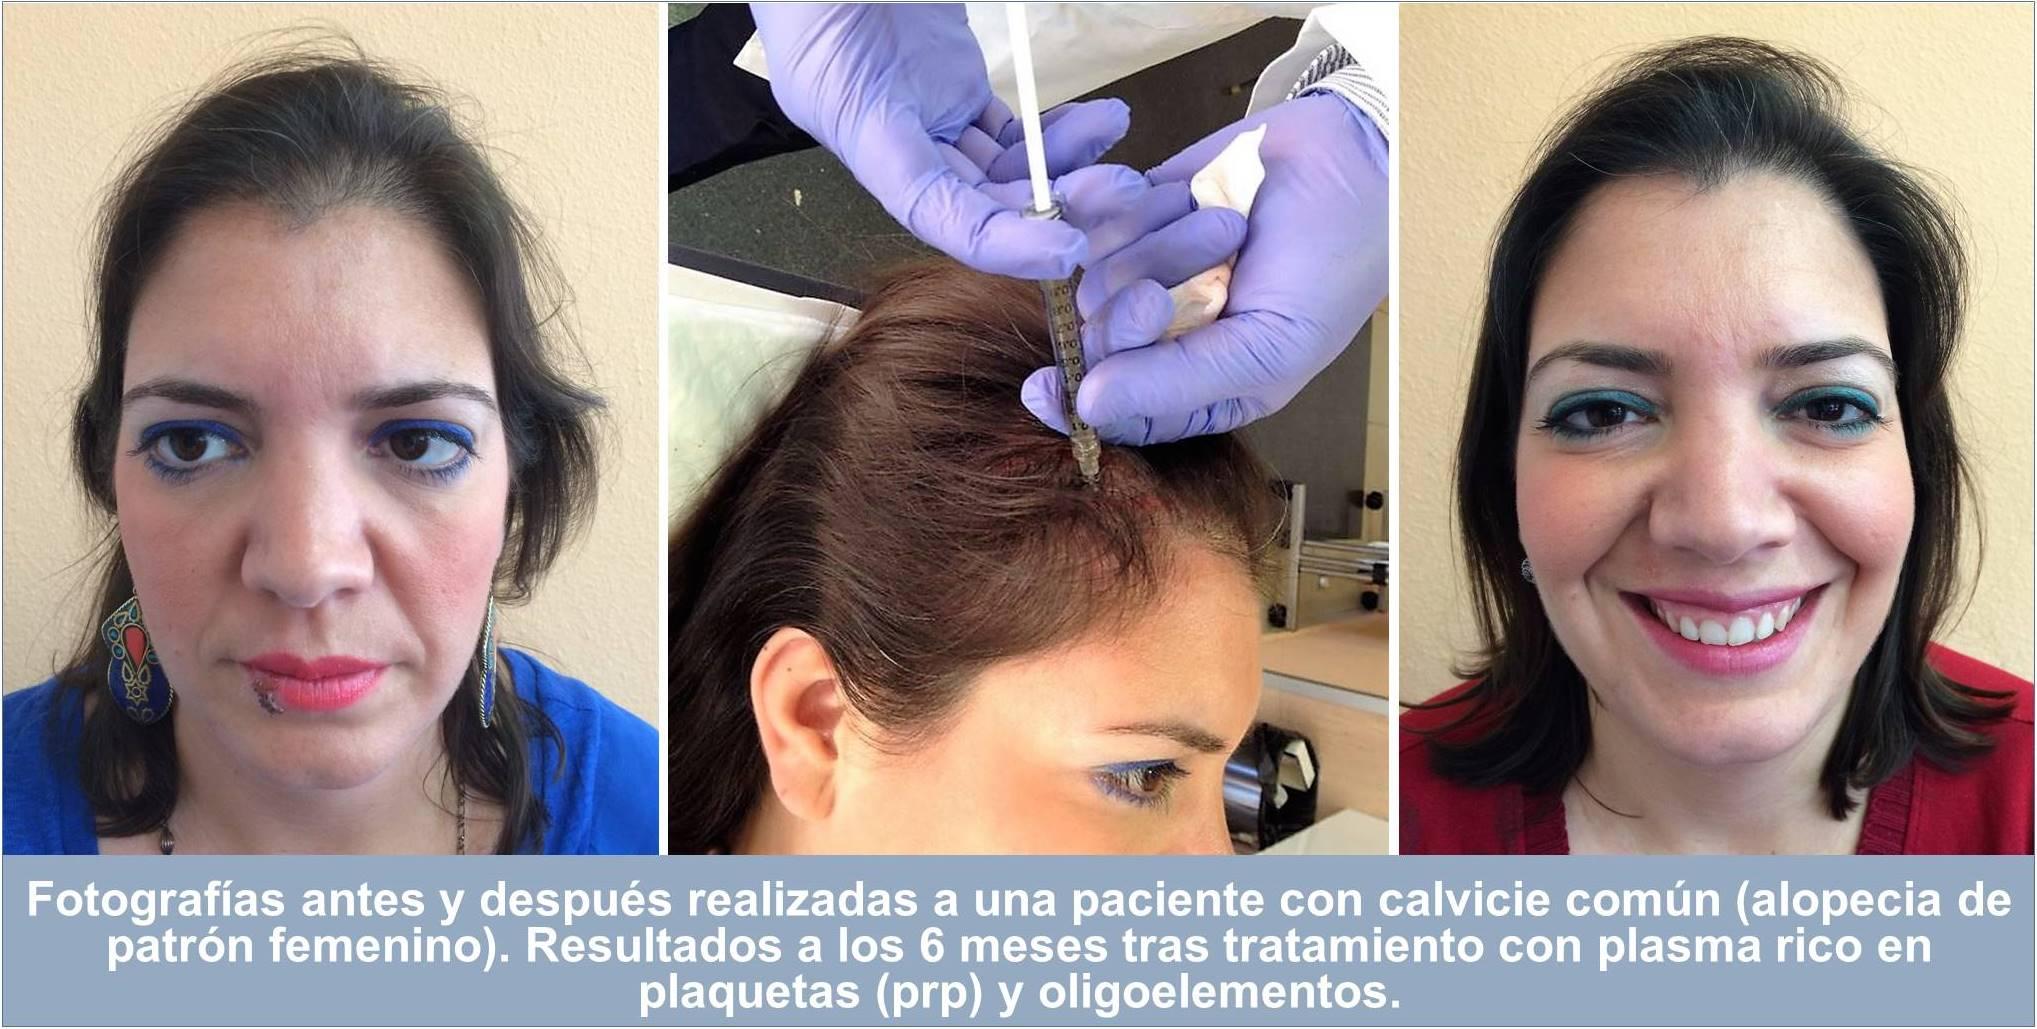 Fotografías antes y después realizadas a Daniela, paciente con calvicie común (alopecia de patrón femenino). Resultados a los 6 meses tras tratamiento con plasma rico en plaquetas (prp) y oligoelementos.